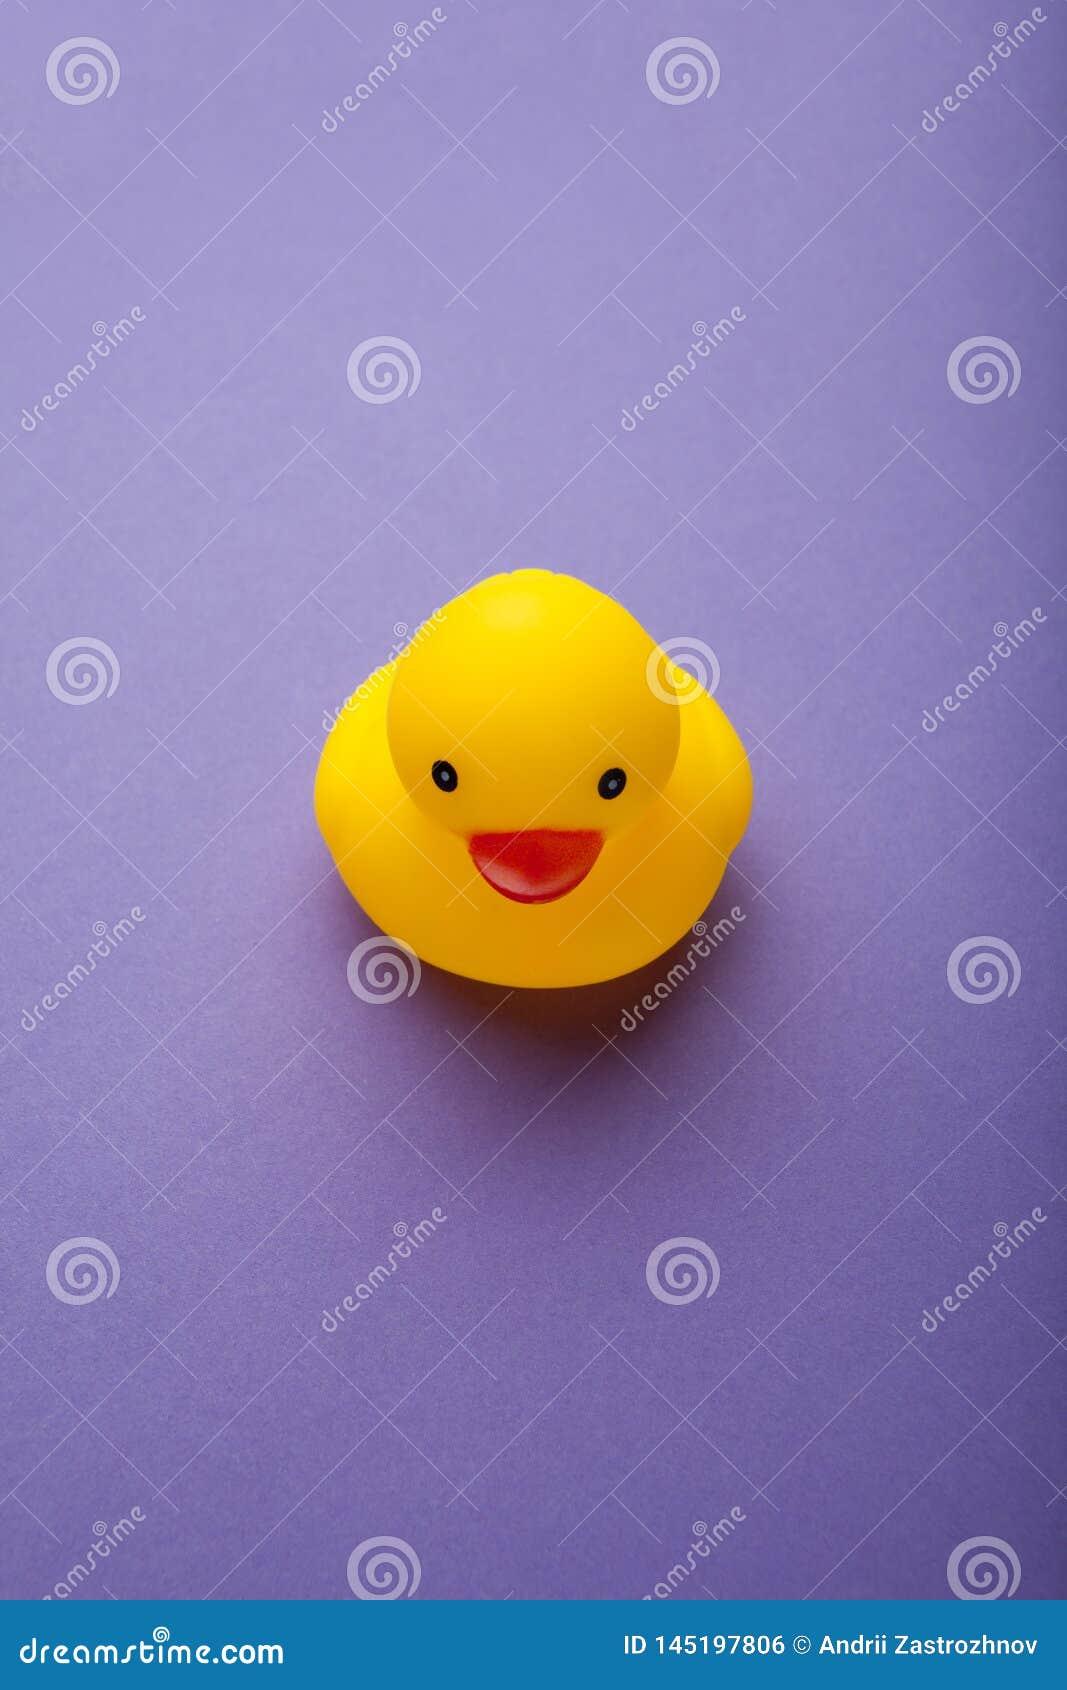 Желтая смешная игрушка утки на пурпурной предпосылке, вертикальной